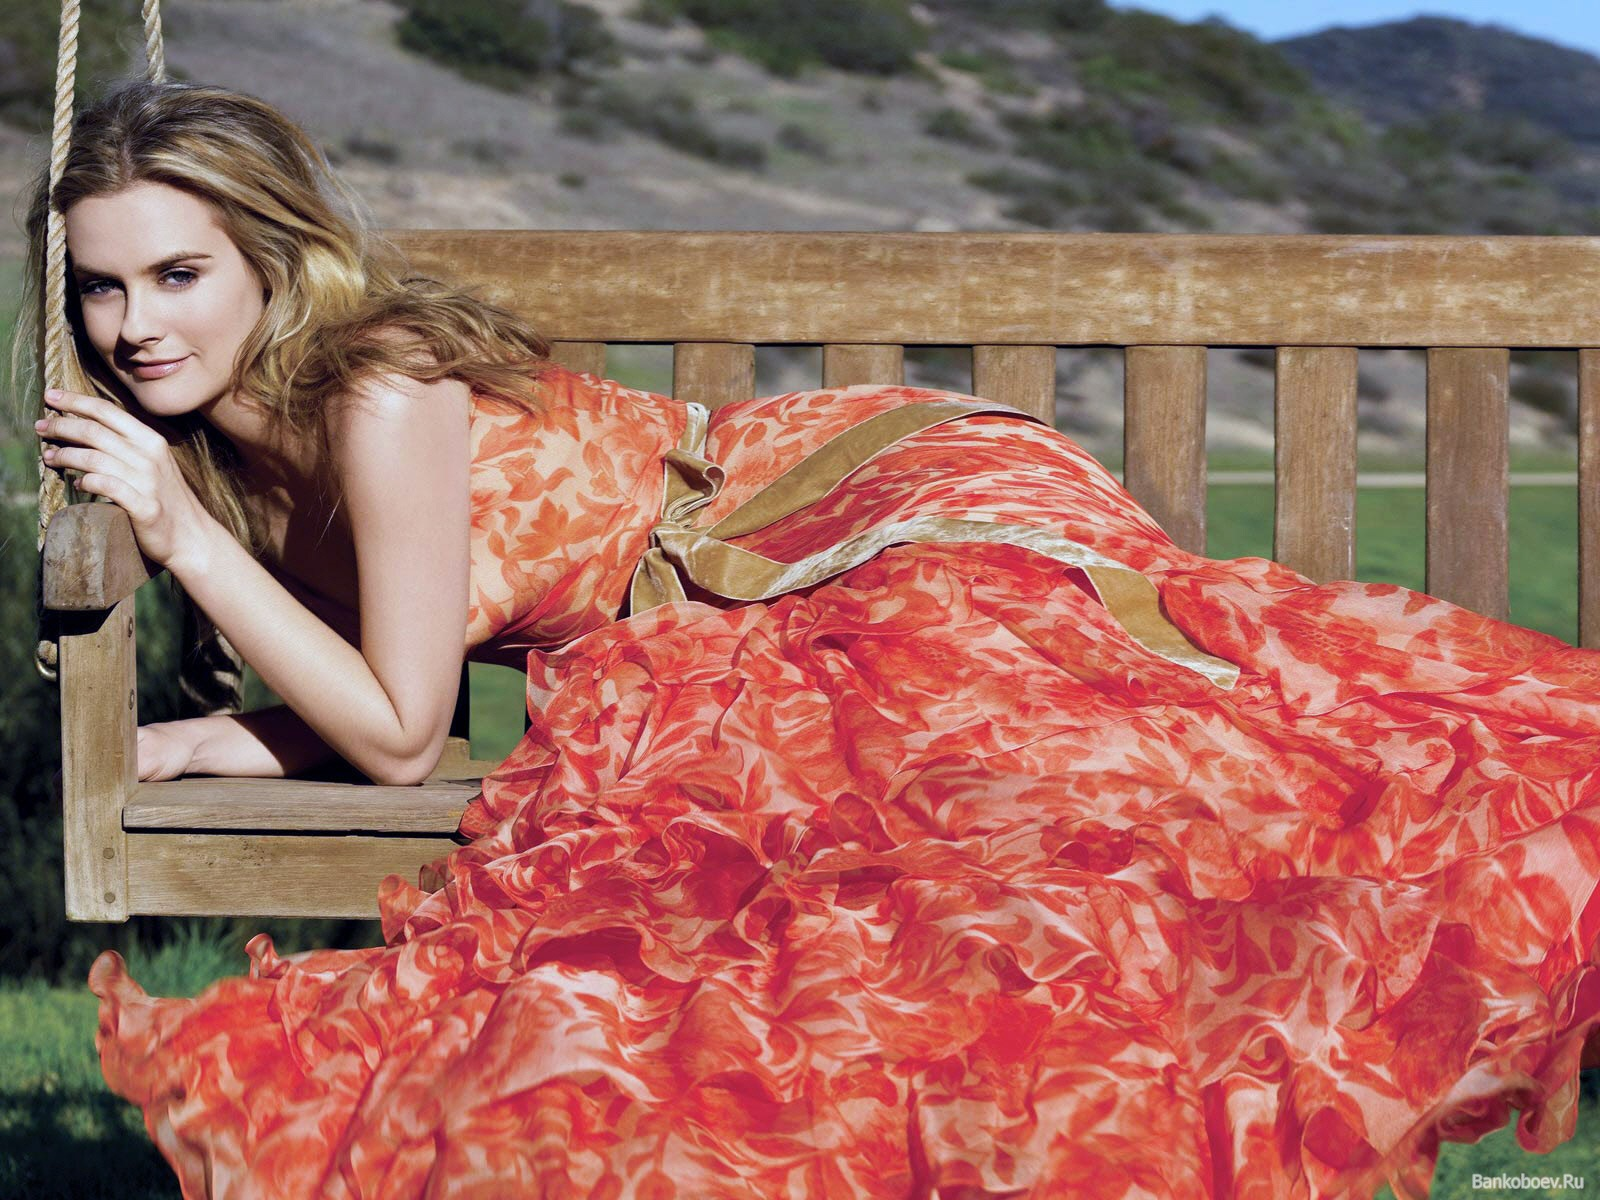 Картинки 1600x1200 девушки в коротких платьях